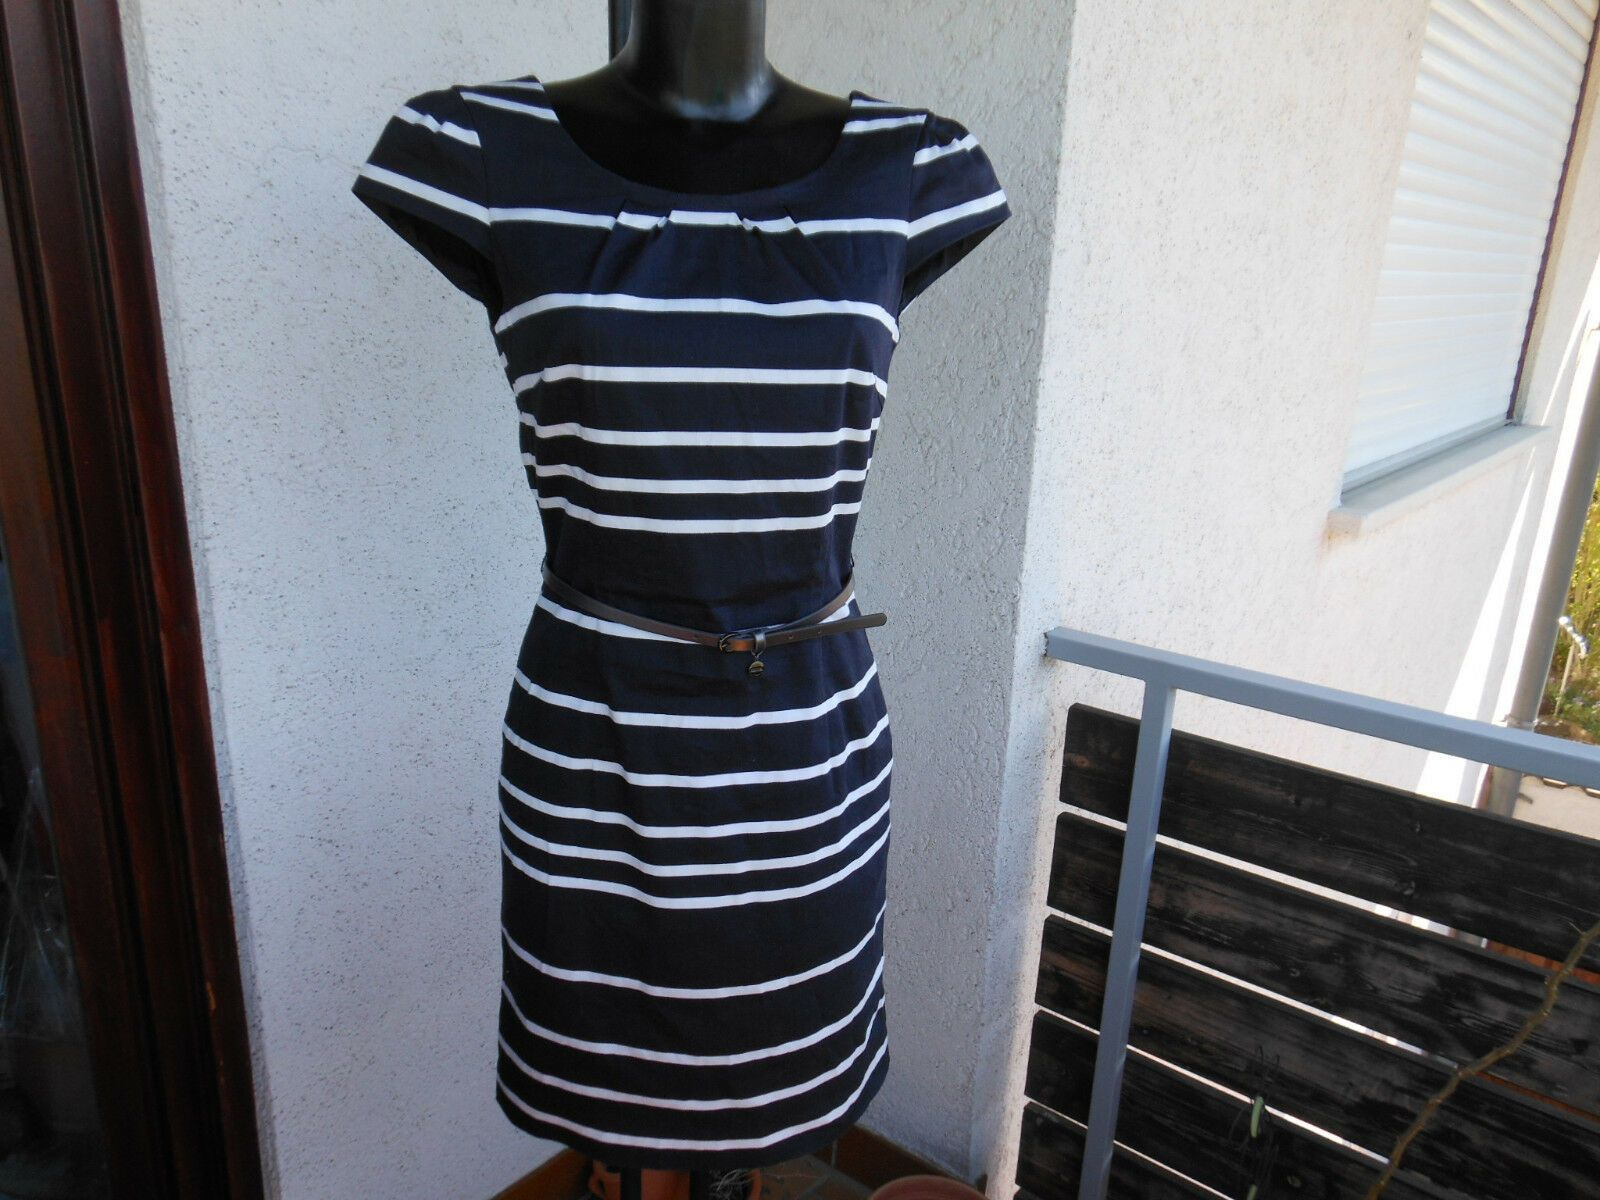 Comma Damen Kleid Gr. 16 S navy Tinte blau weiss gestreift